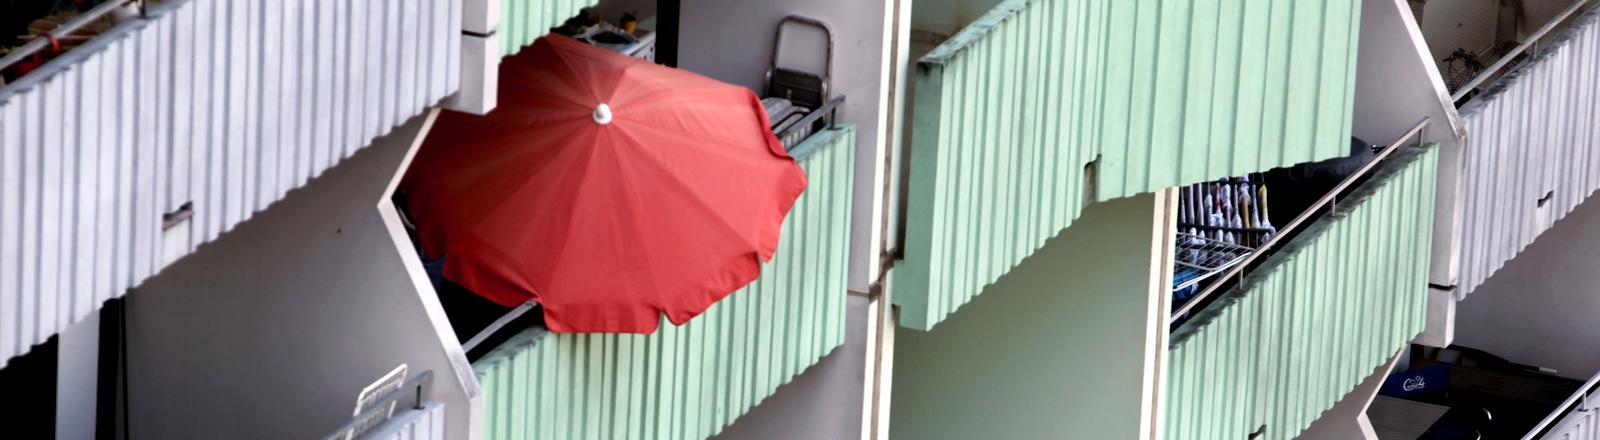 Blick von oben auf Balkone - auf einem steht ein roter Sonnenschirm.